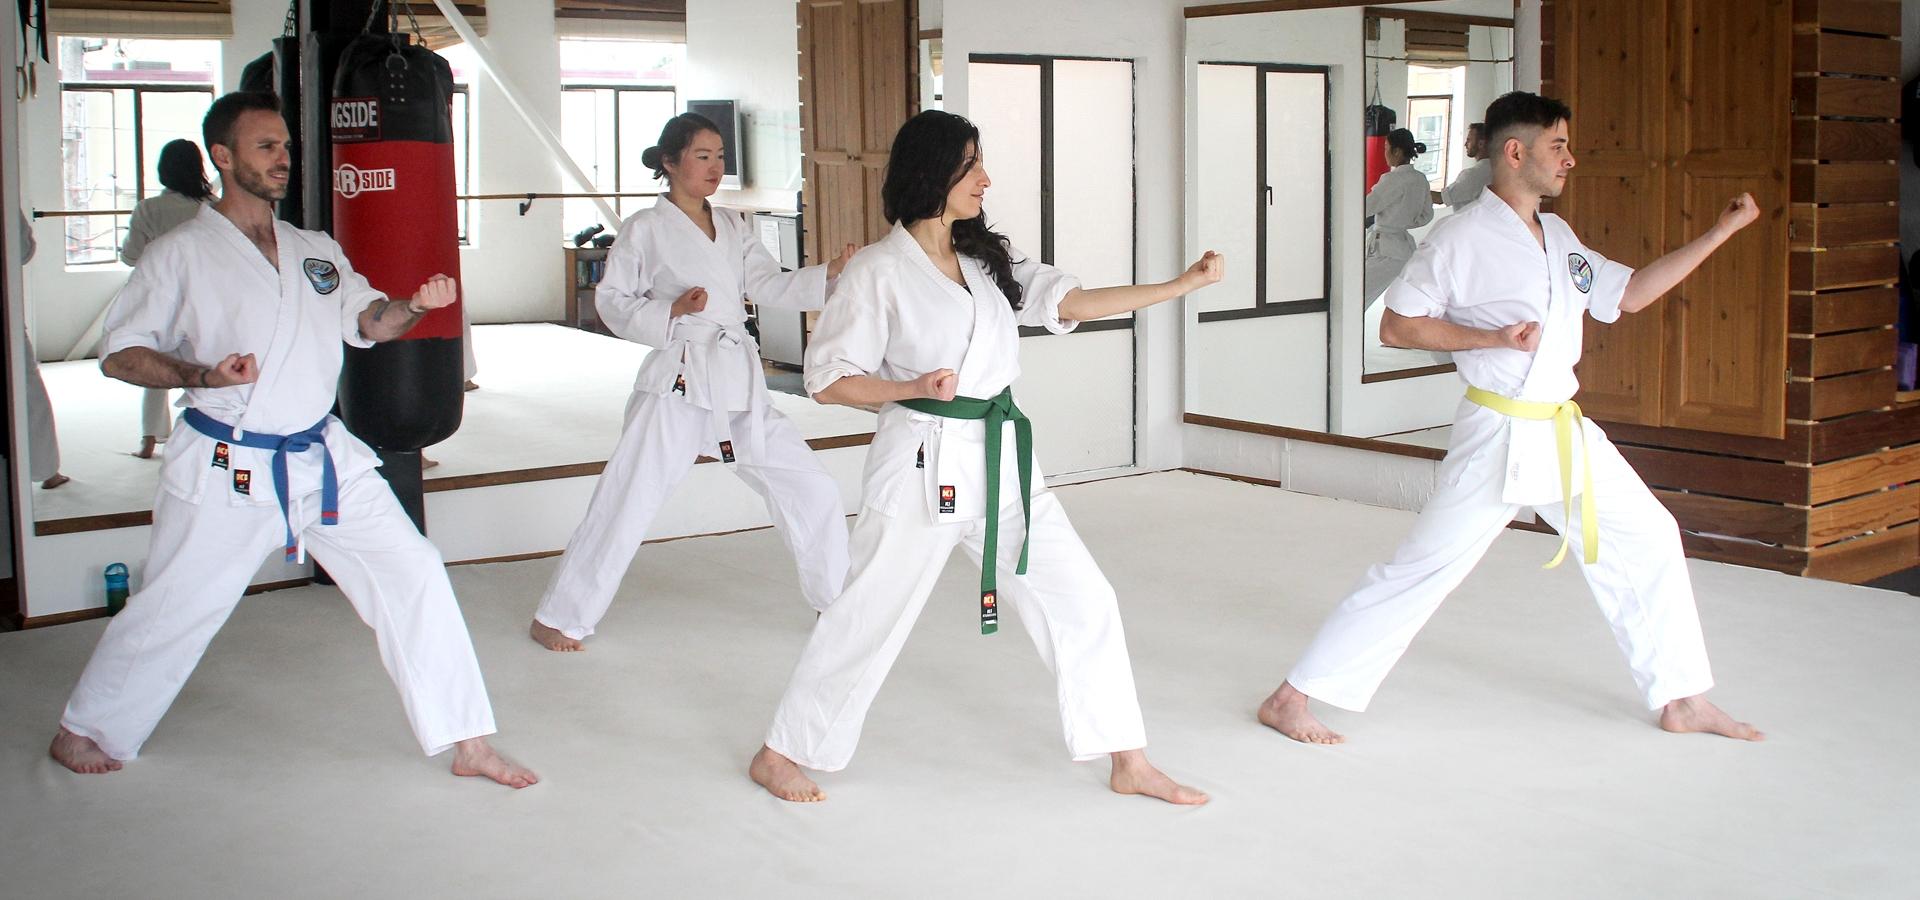 Quantum Martial Arts San Francisco – Nonprofit Martial Arts